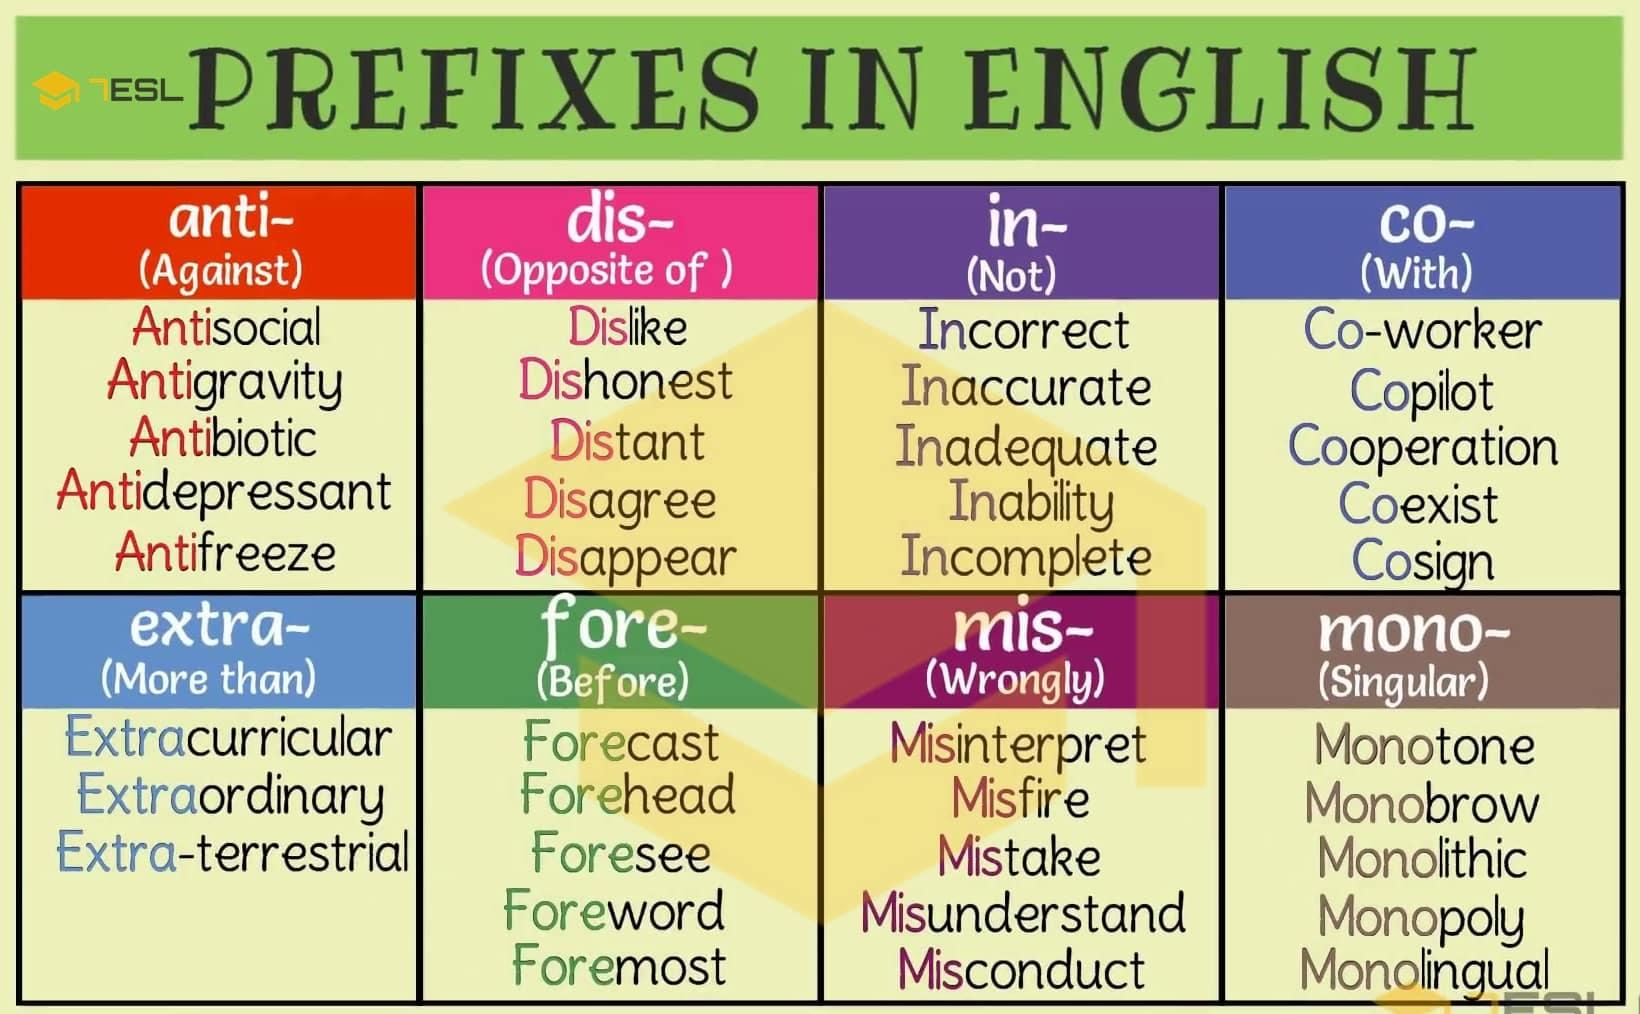 Prefix list and prefix examples